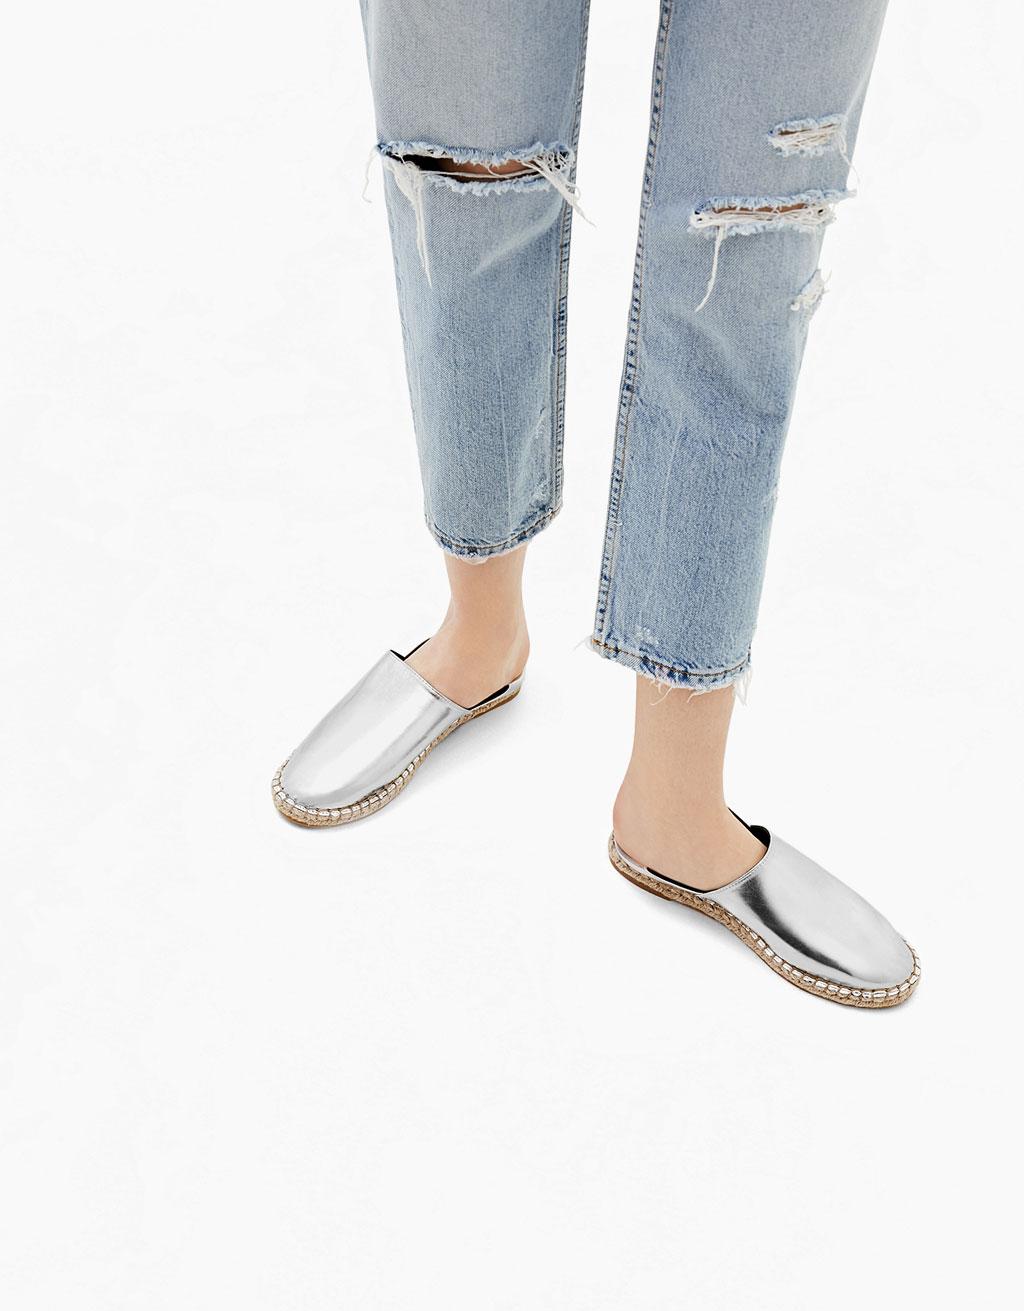 Babucha-style metallic jute flat shoes